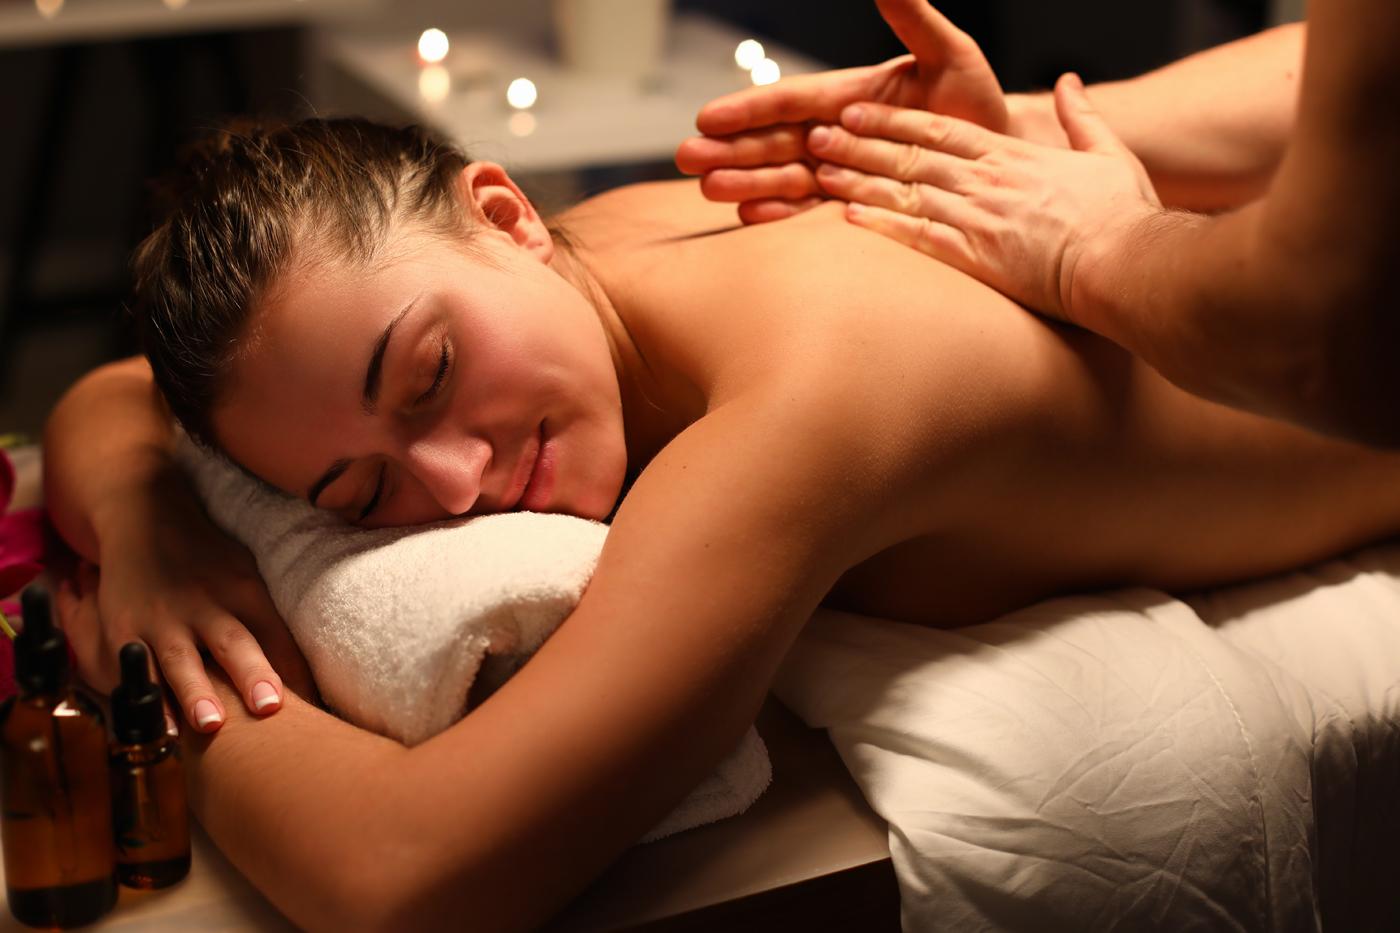 Delhi High Court ruling on cross-gender massage in spas challenged